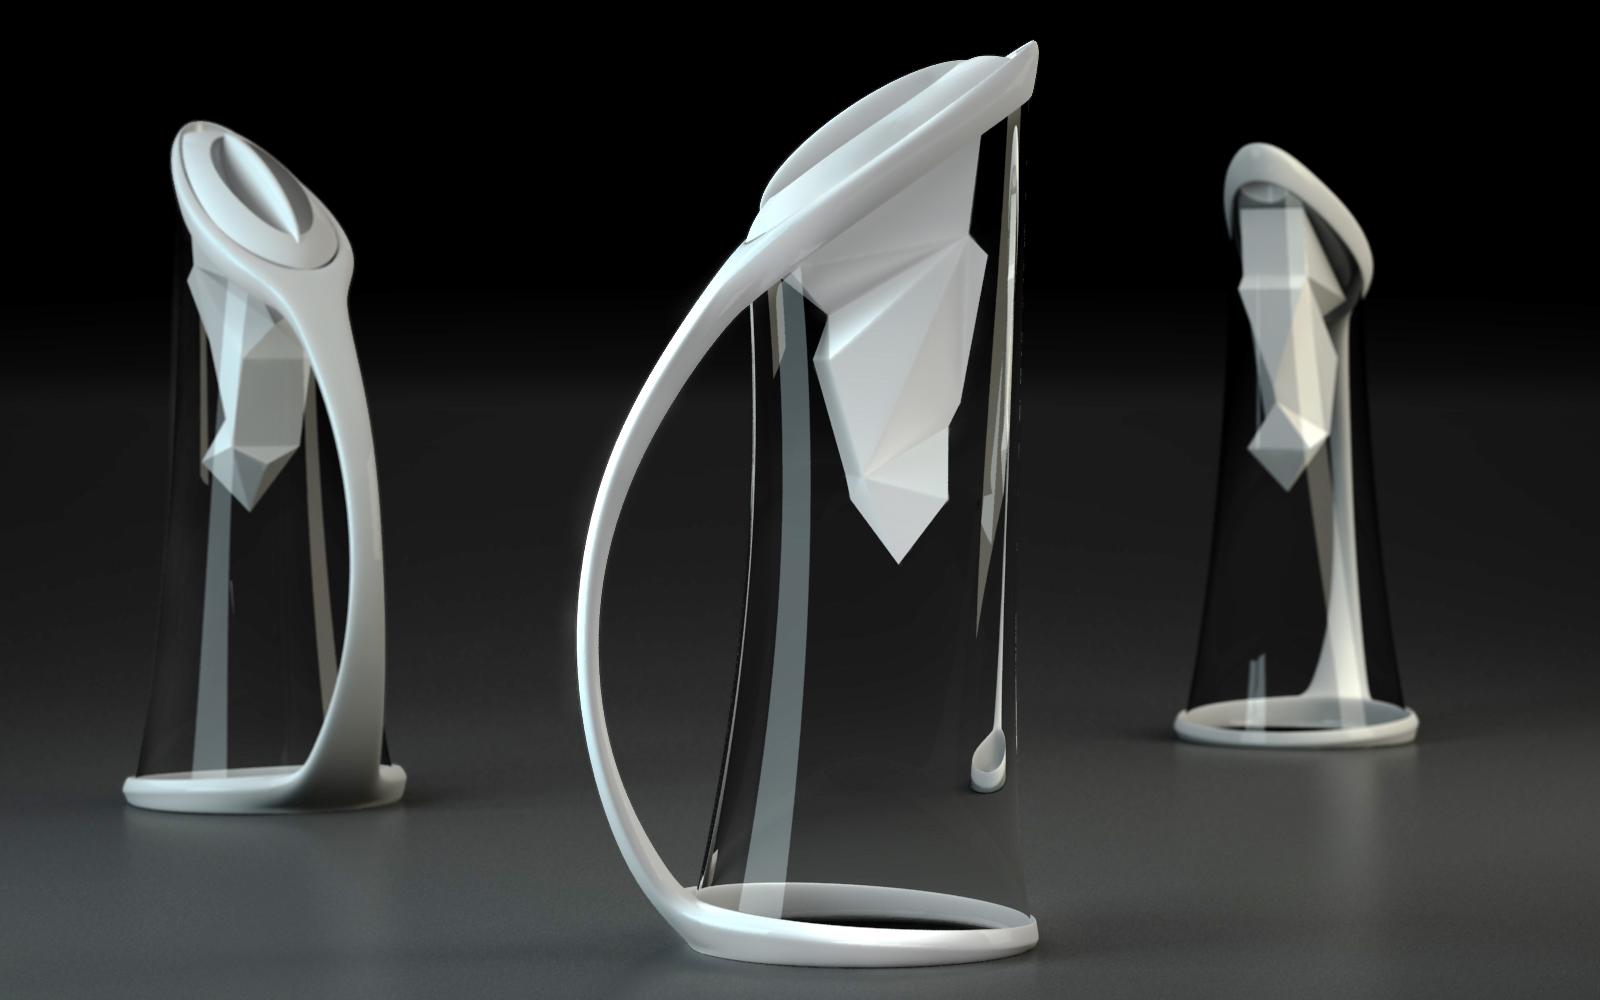 industrial design nelson ayala design. Black Bedroom Furniture Sets. Home Design Ideas